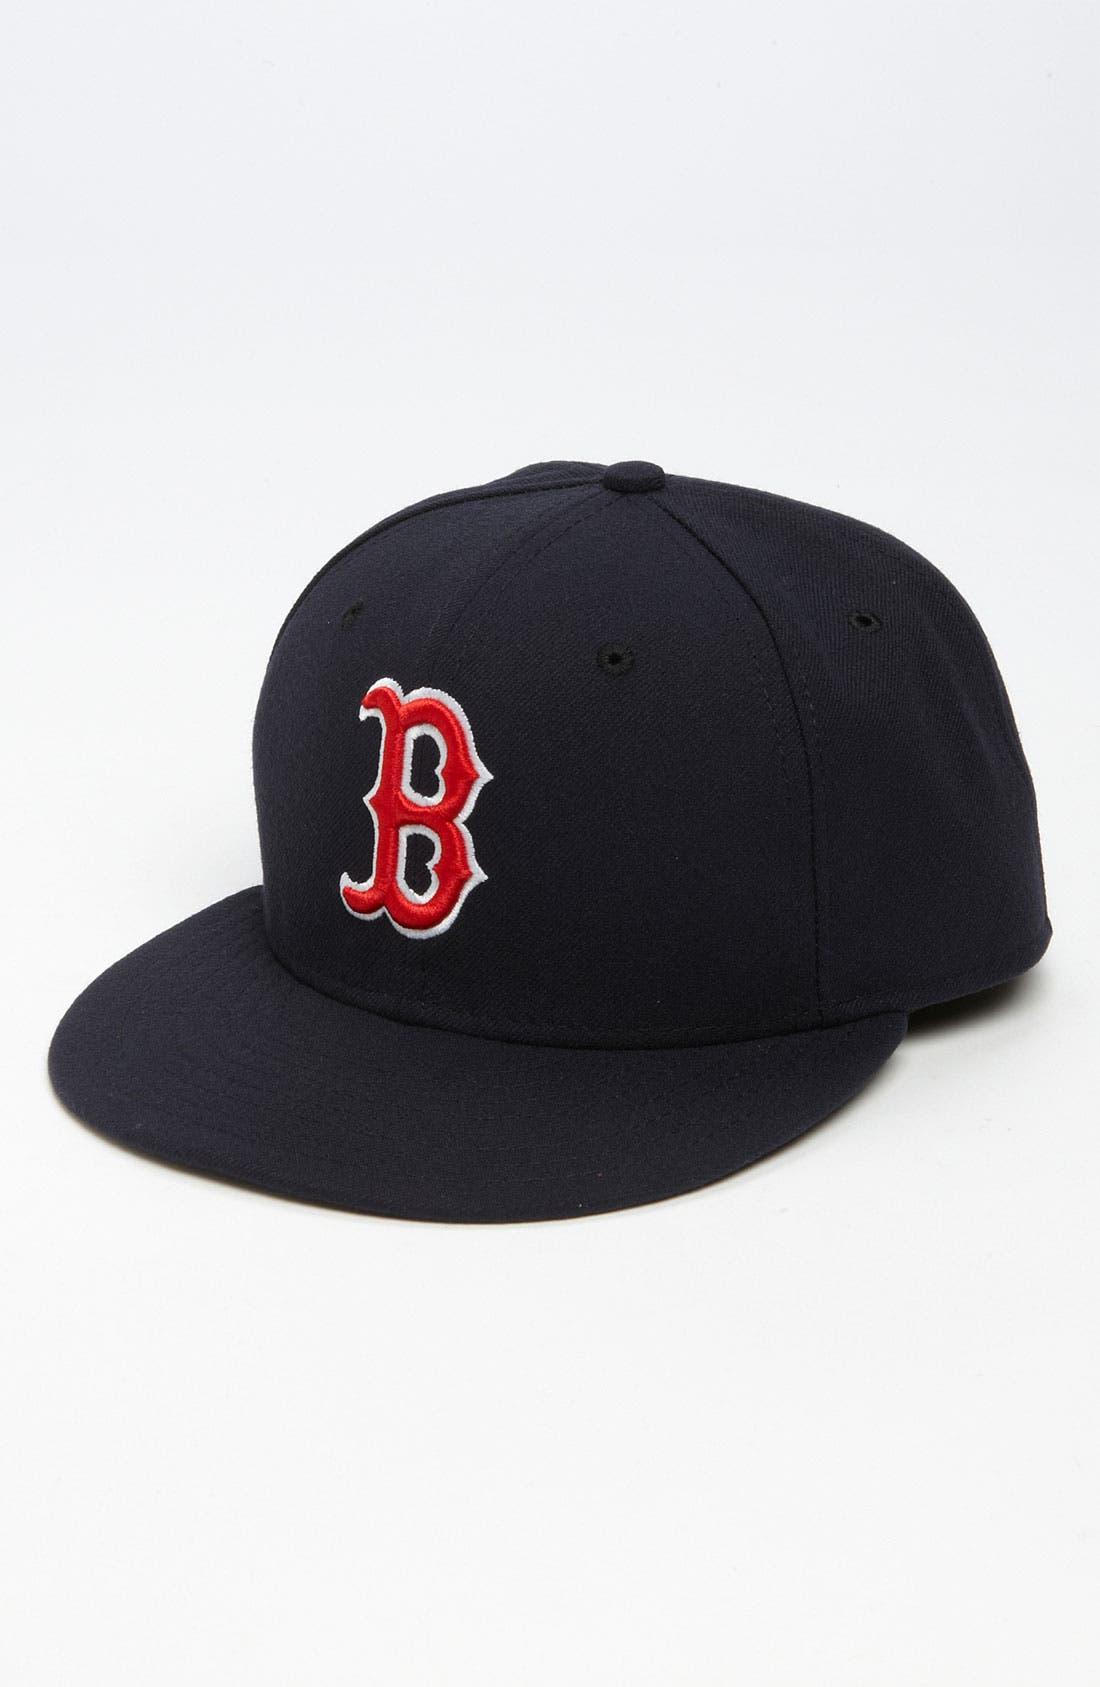 Main Image - New Era Cap 'Boston Red Sox' Baseball Cap